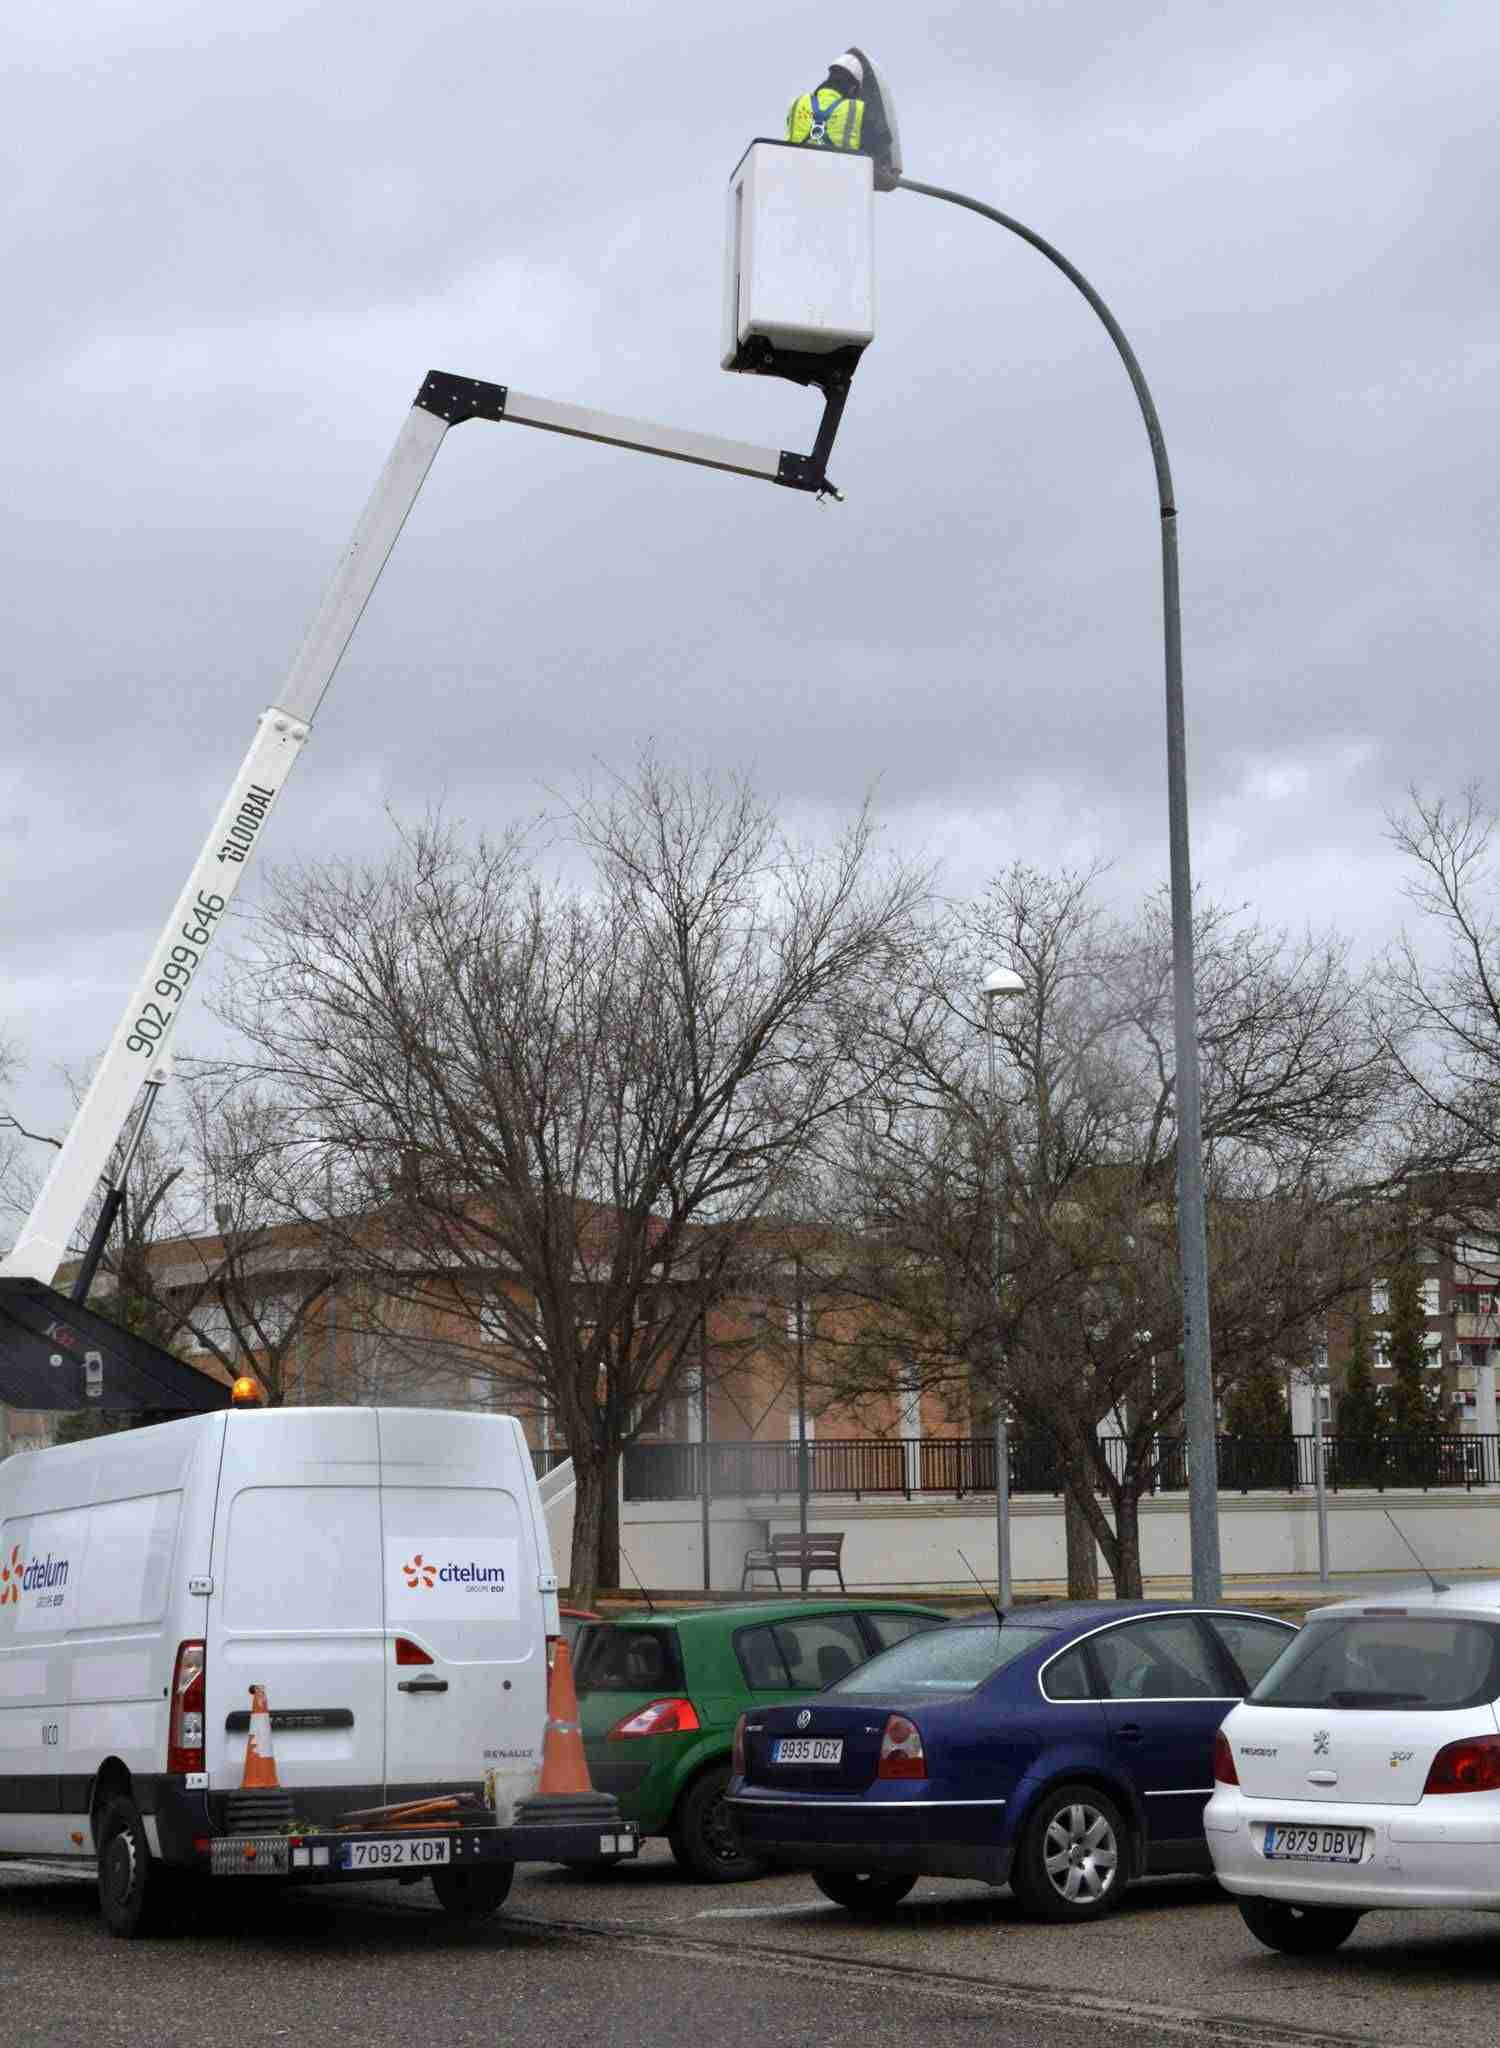 Toledo finaliza en el barrio del Polígono la renovación de 10.000 lámparas del alumbrado público 3